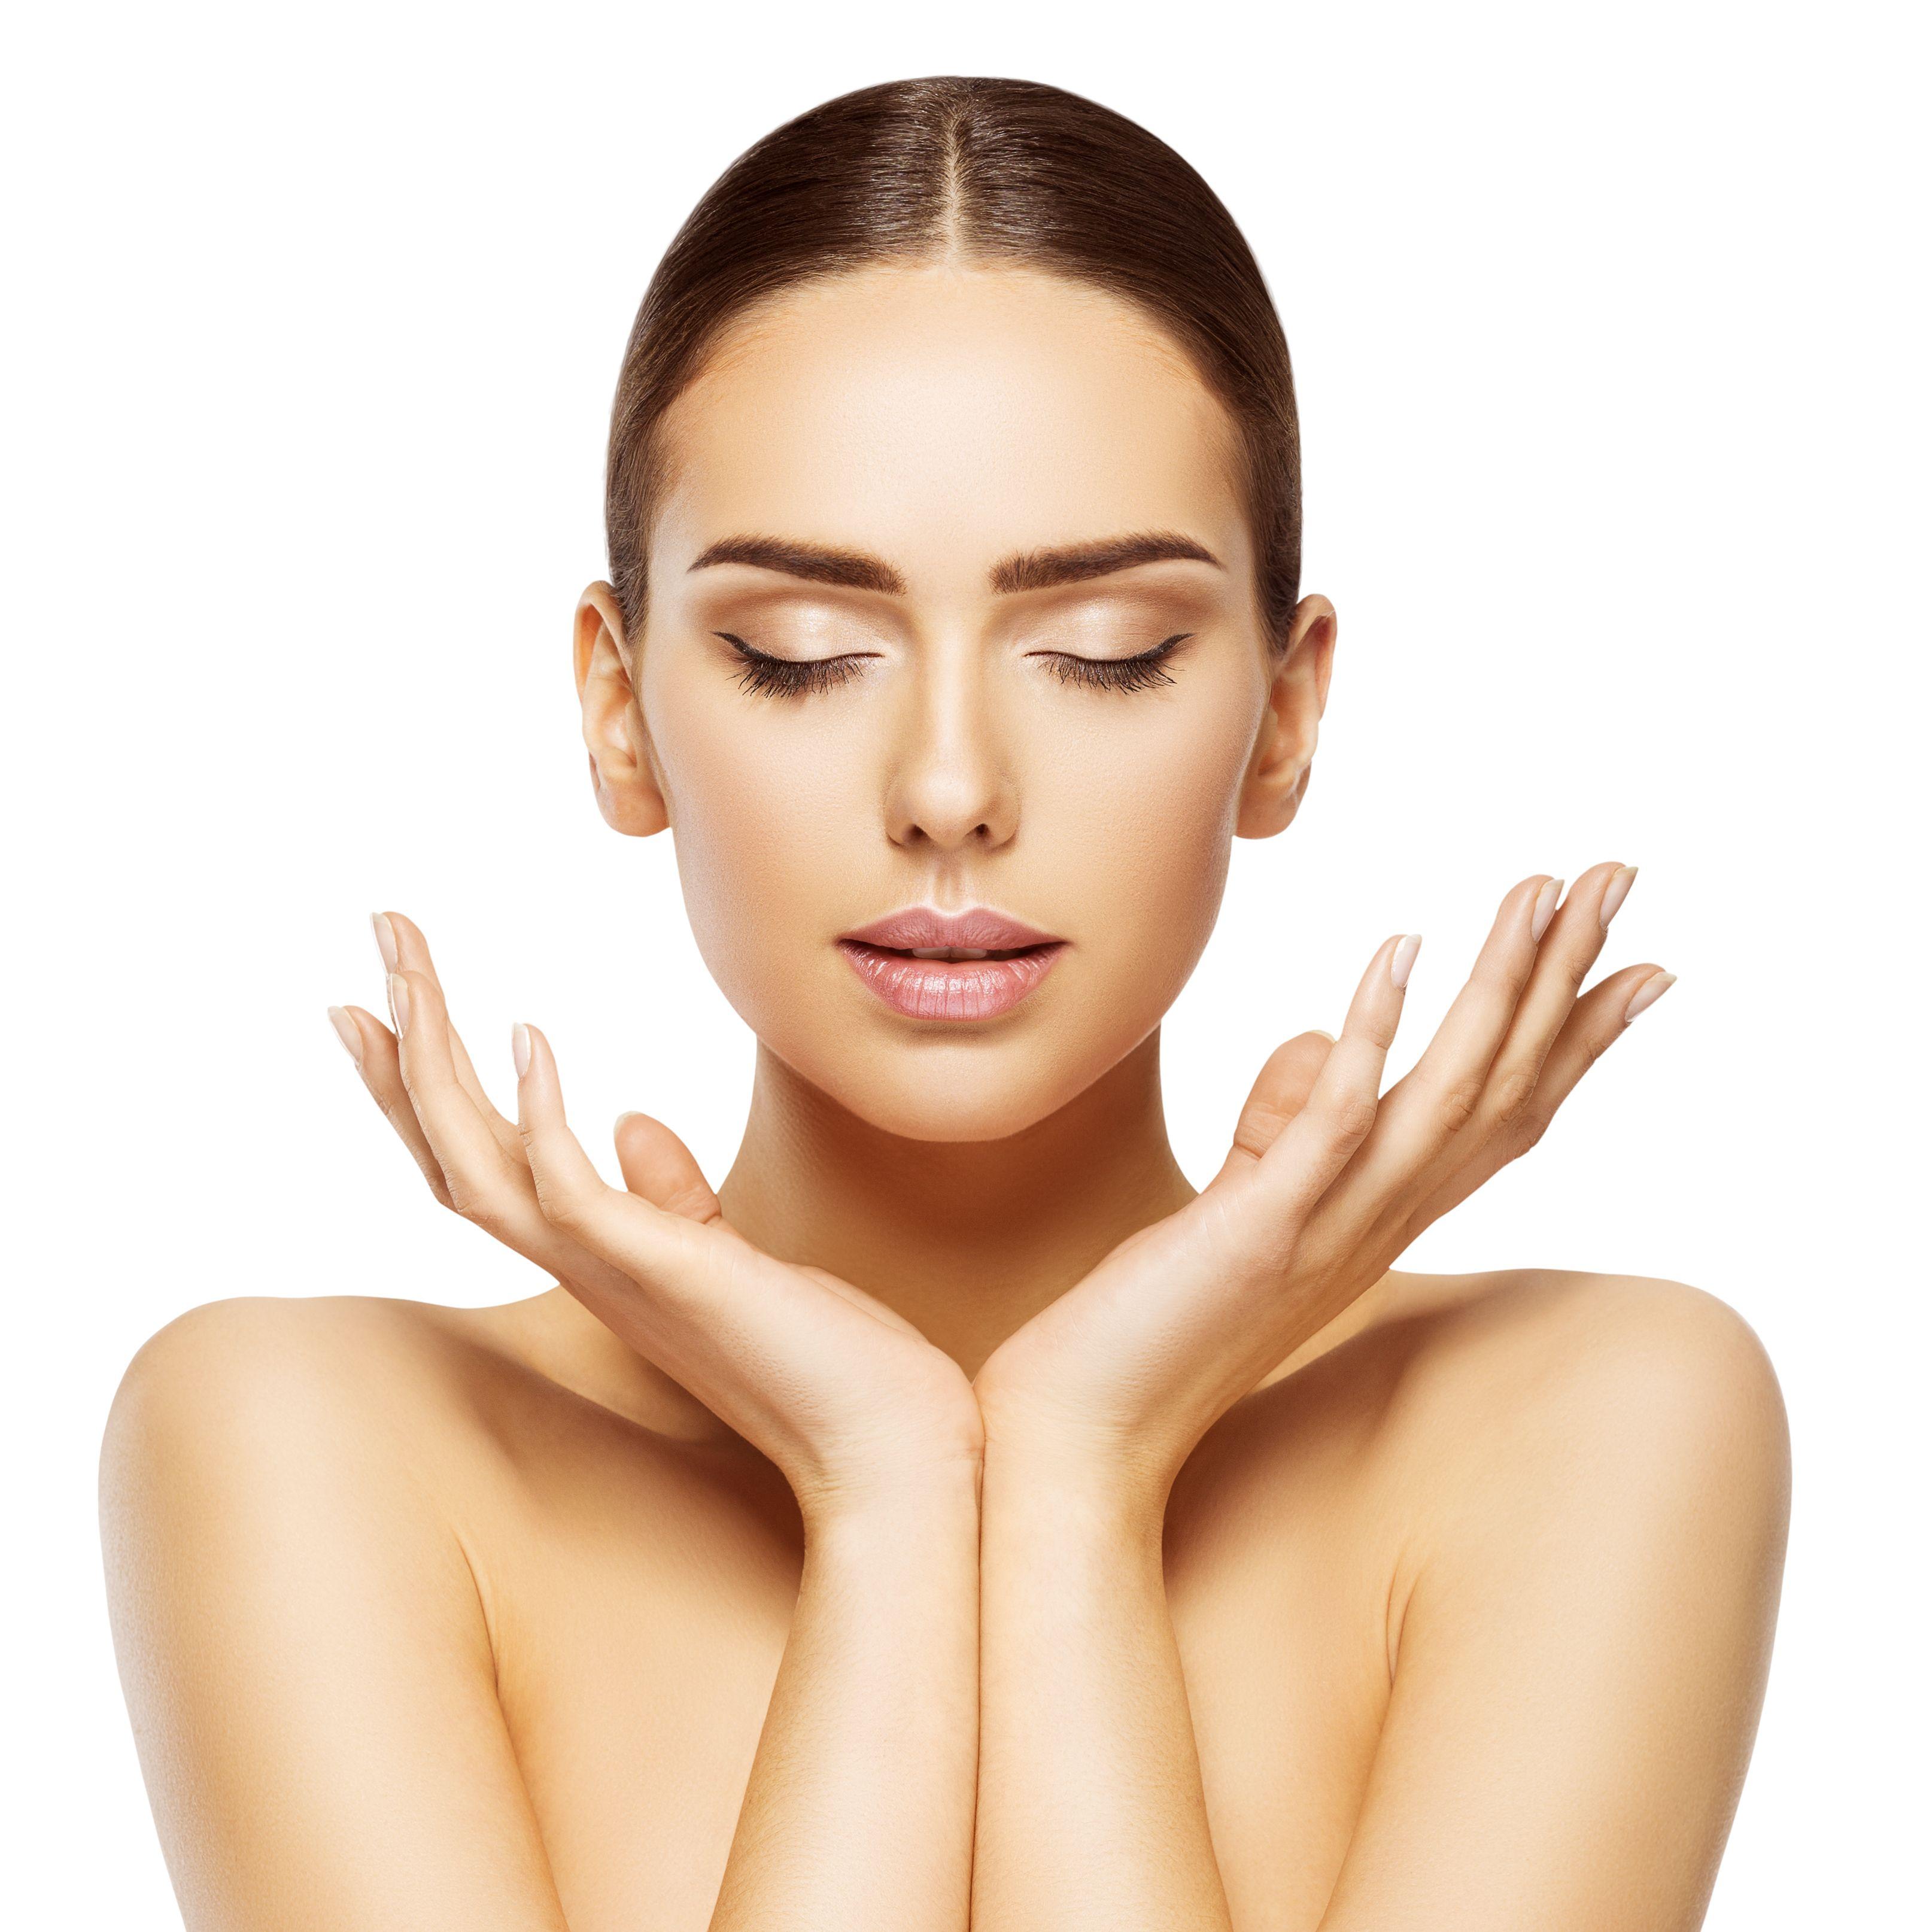 Tratamientos faciales Casmara en Martorell